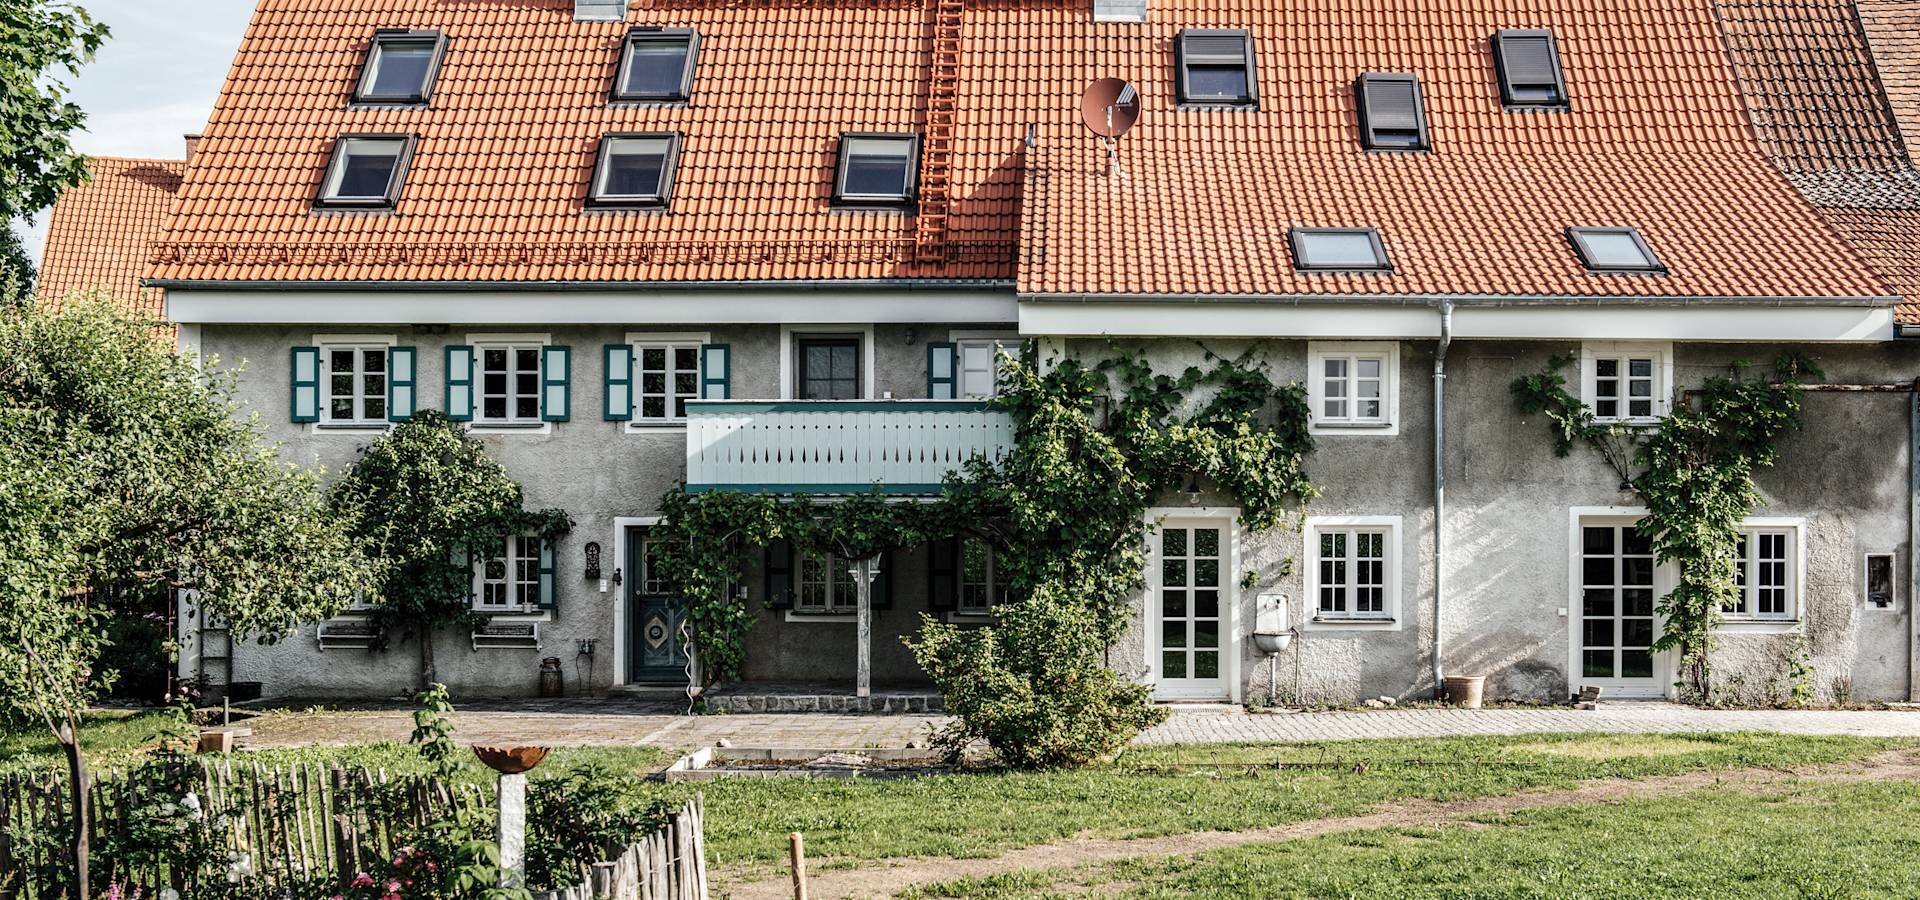 Традиционные дома запада франции